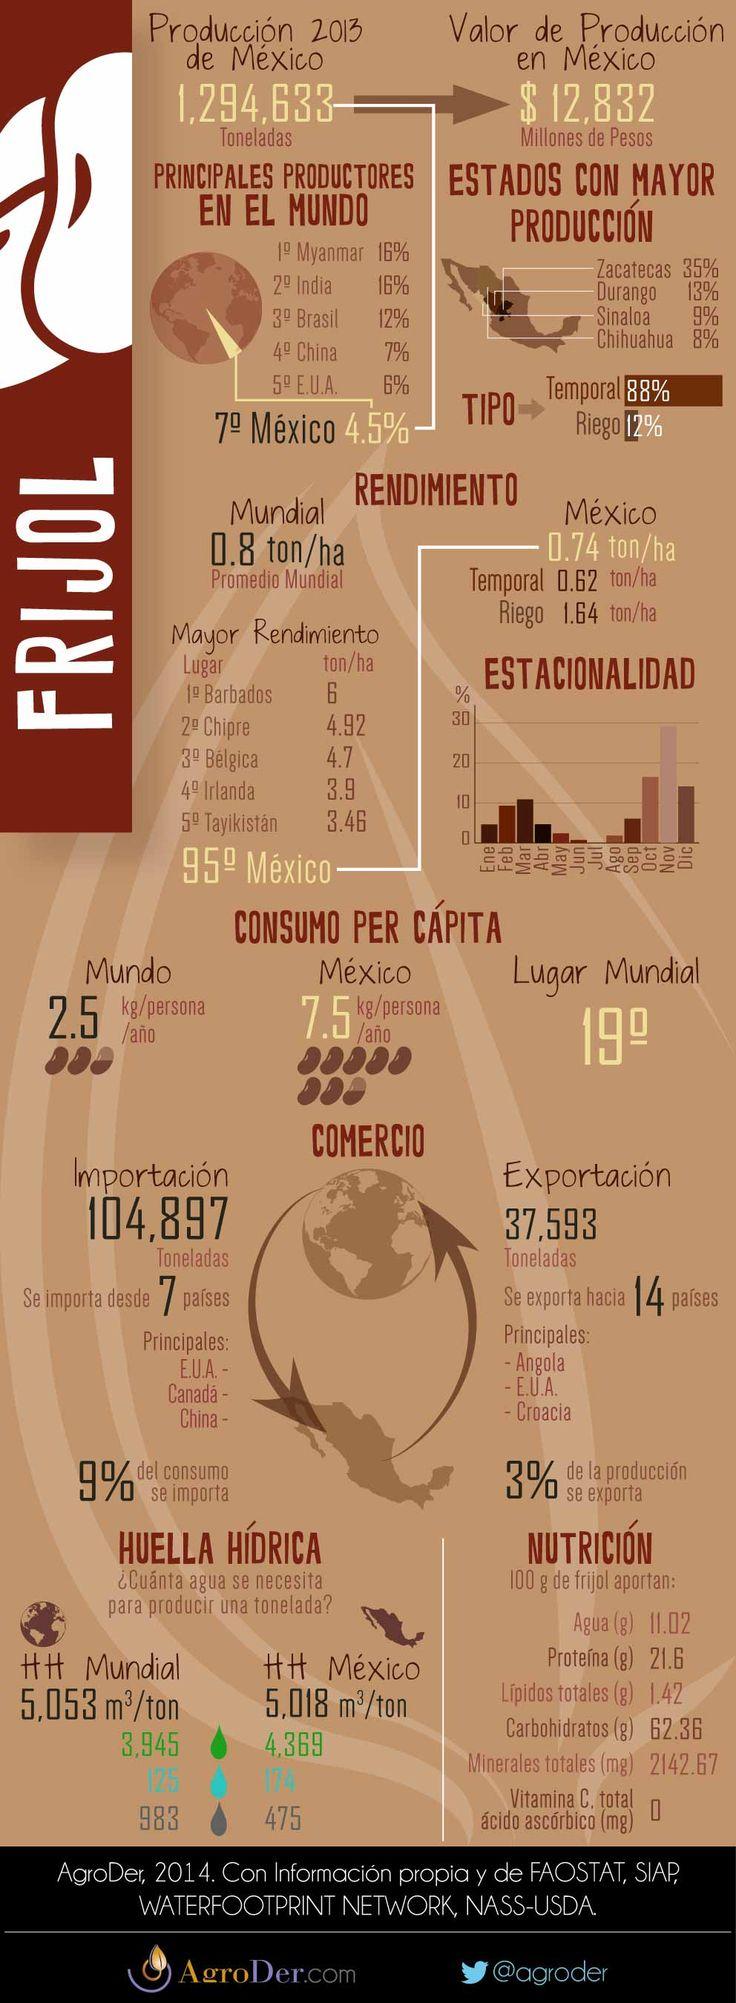 Infografía - Frijol en México, 2013.